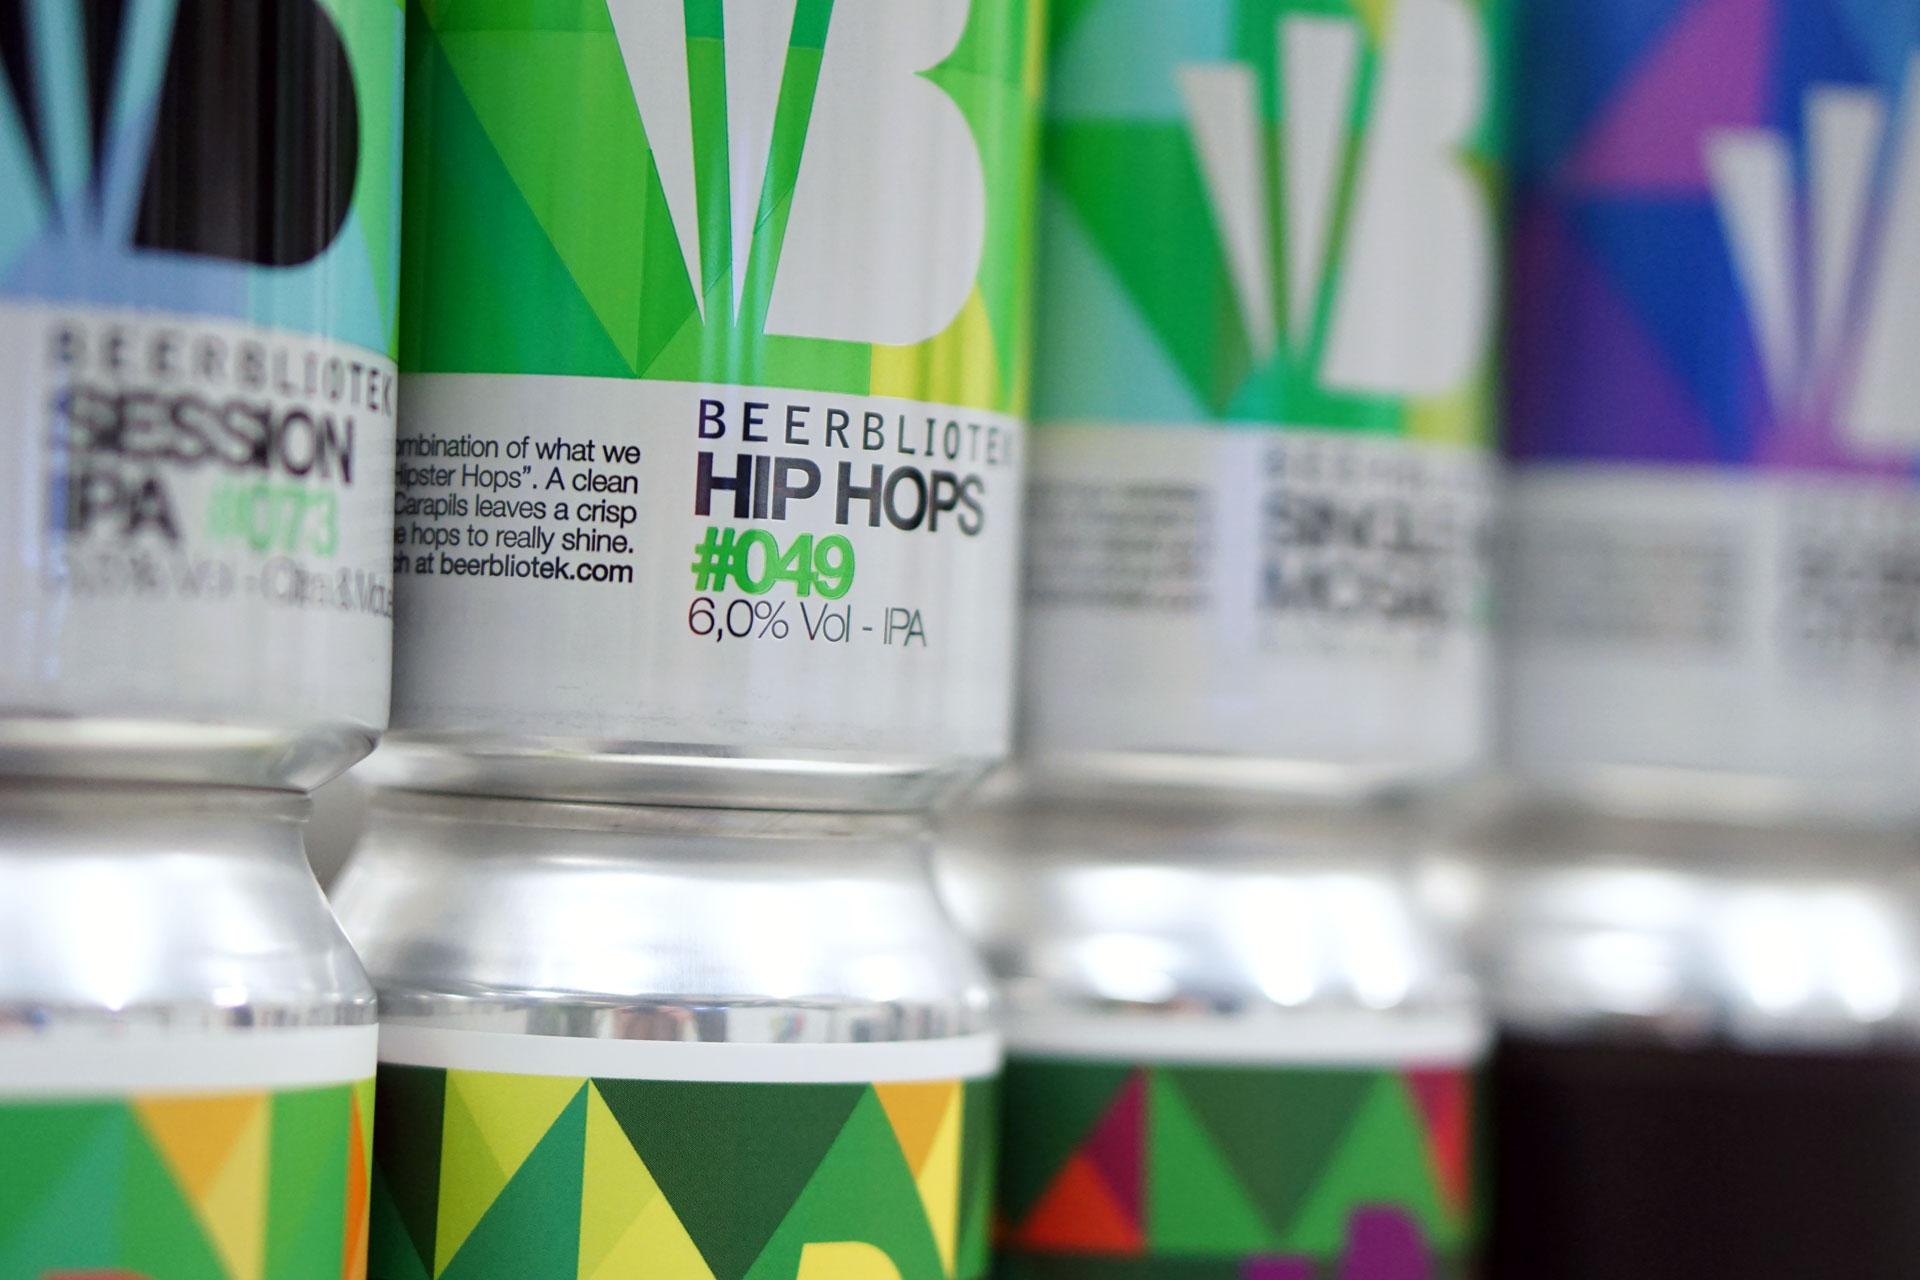 Beerbliotek-New-Beers-03